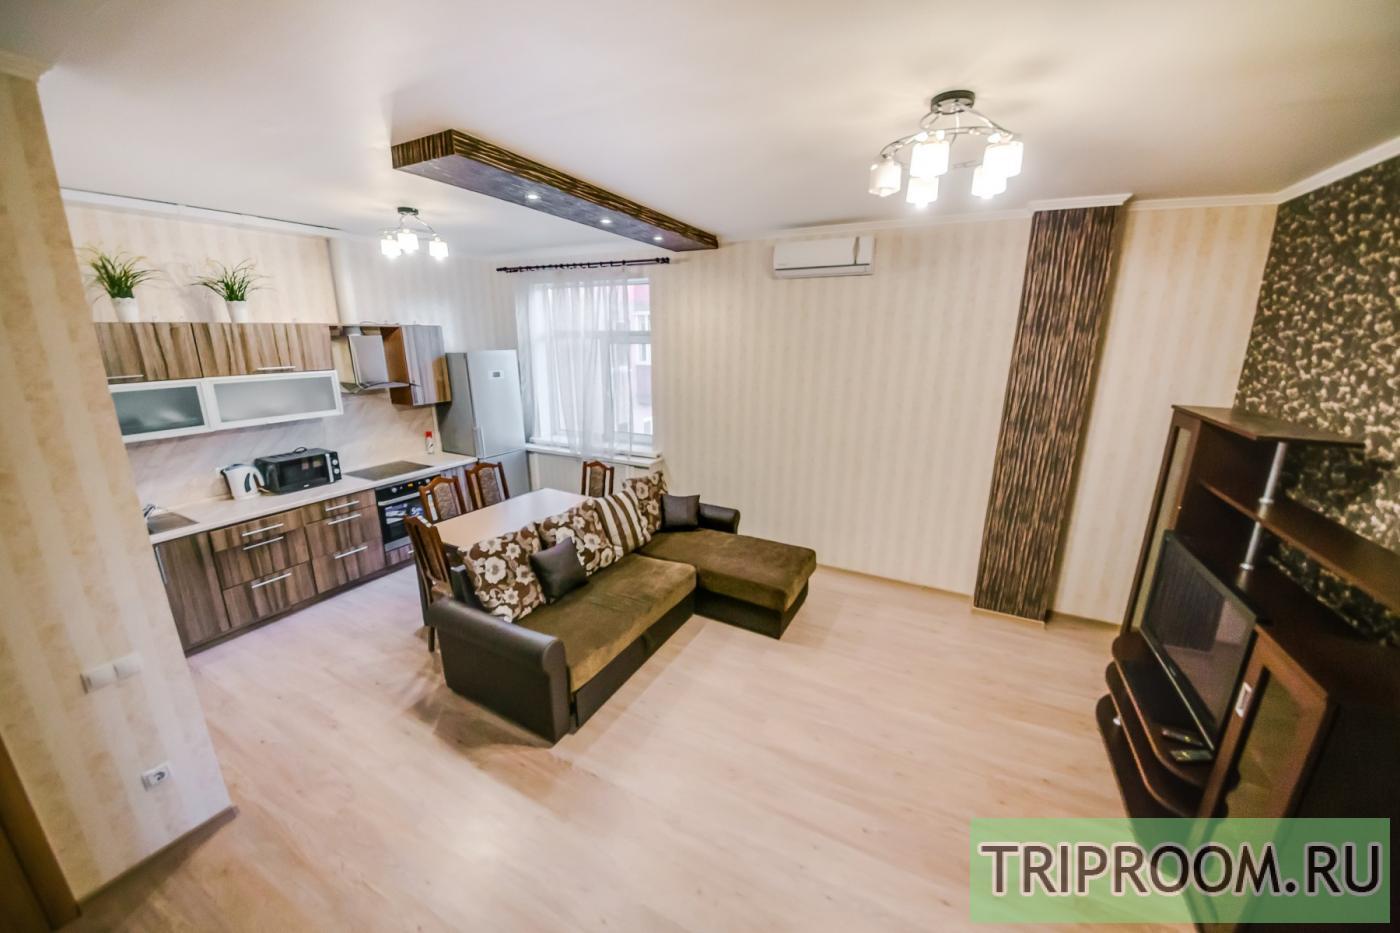 3-комнатная квартира посуточно (вариант № 23511), ул. Красноармейская улица, фото № 1